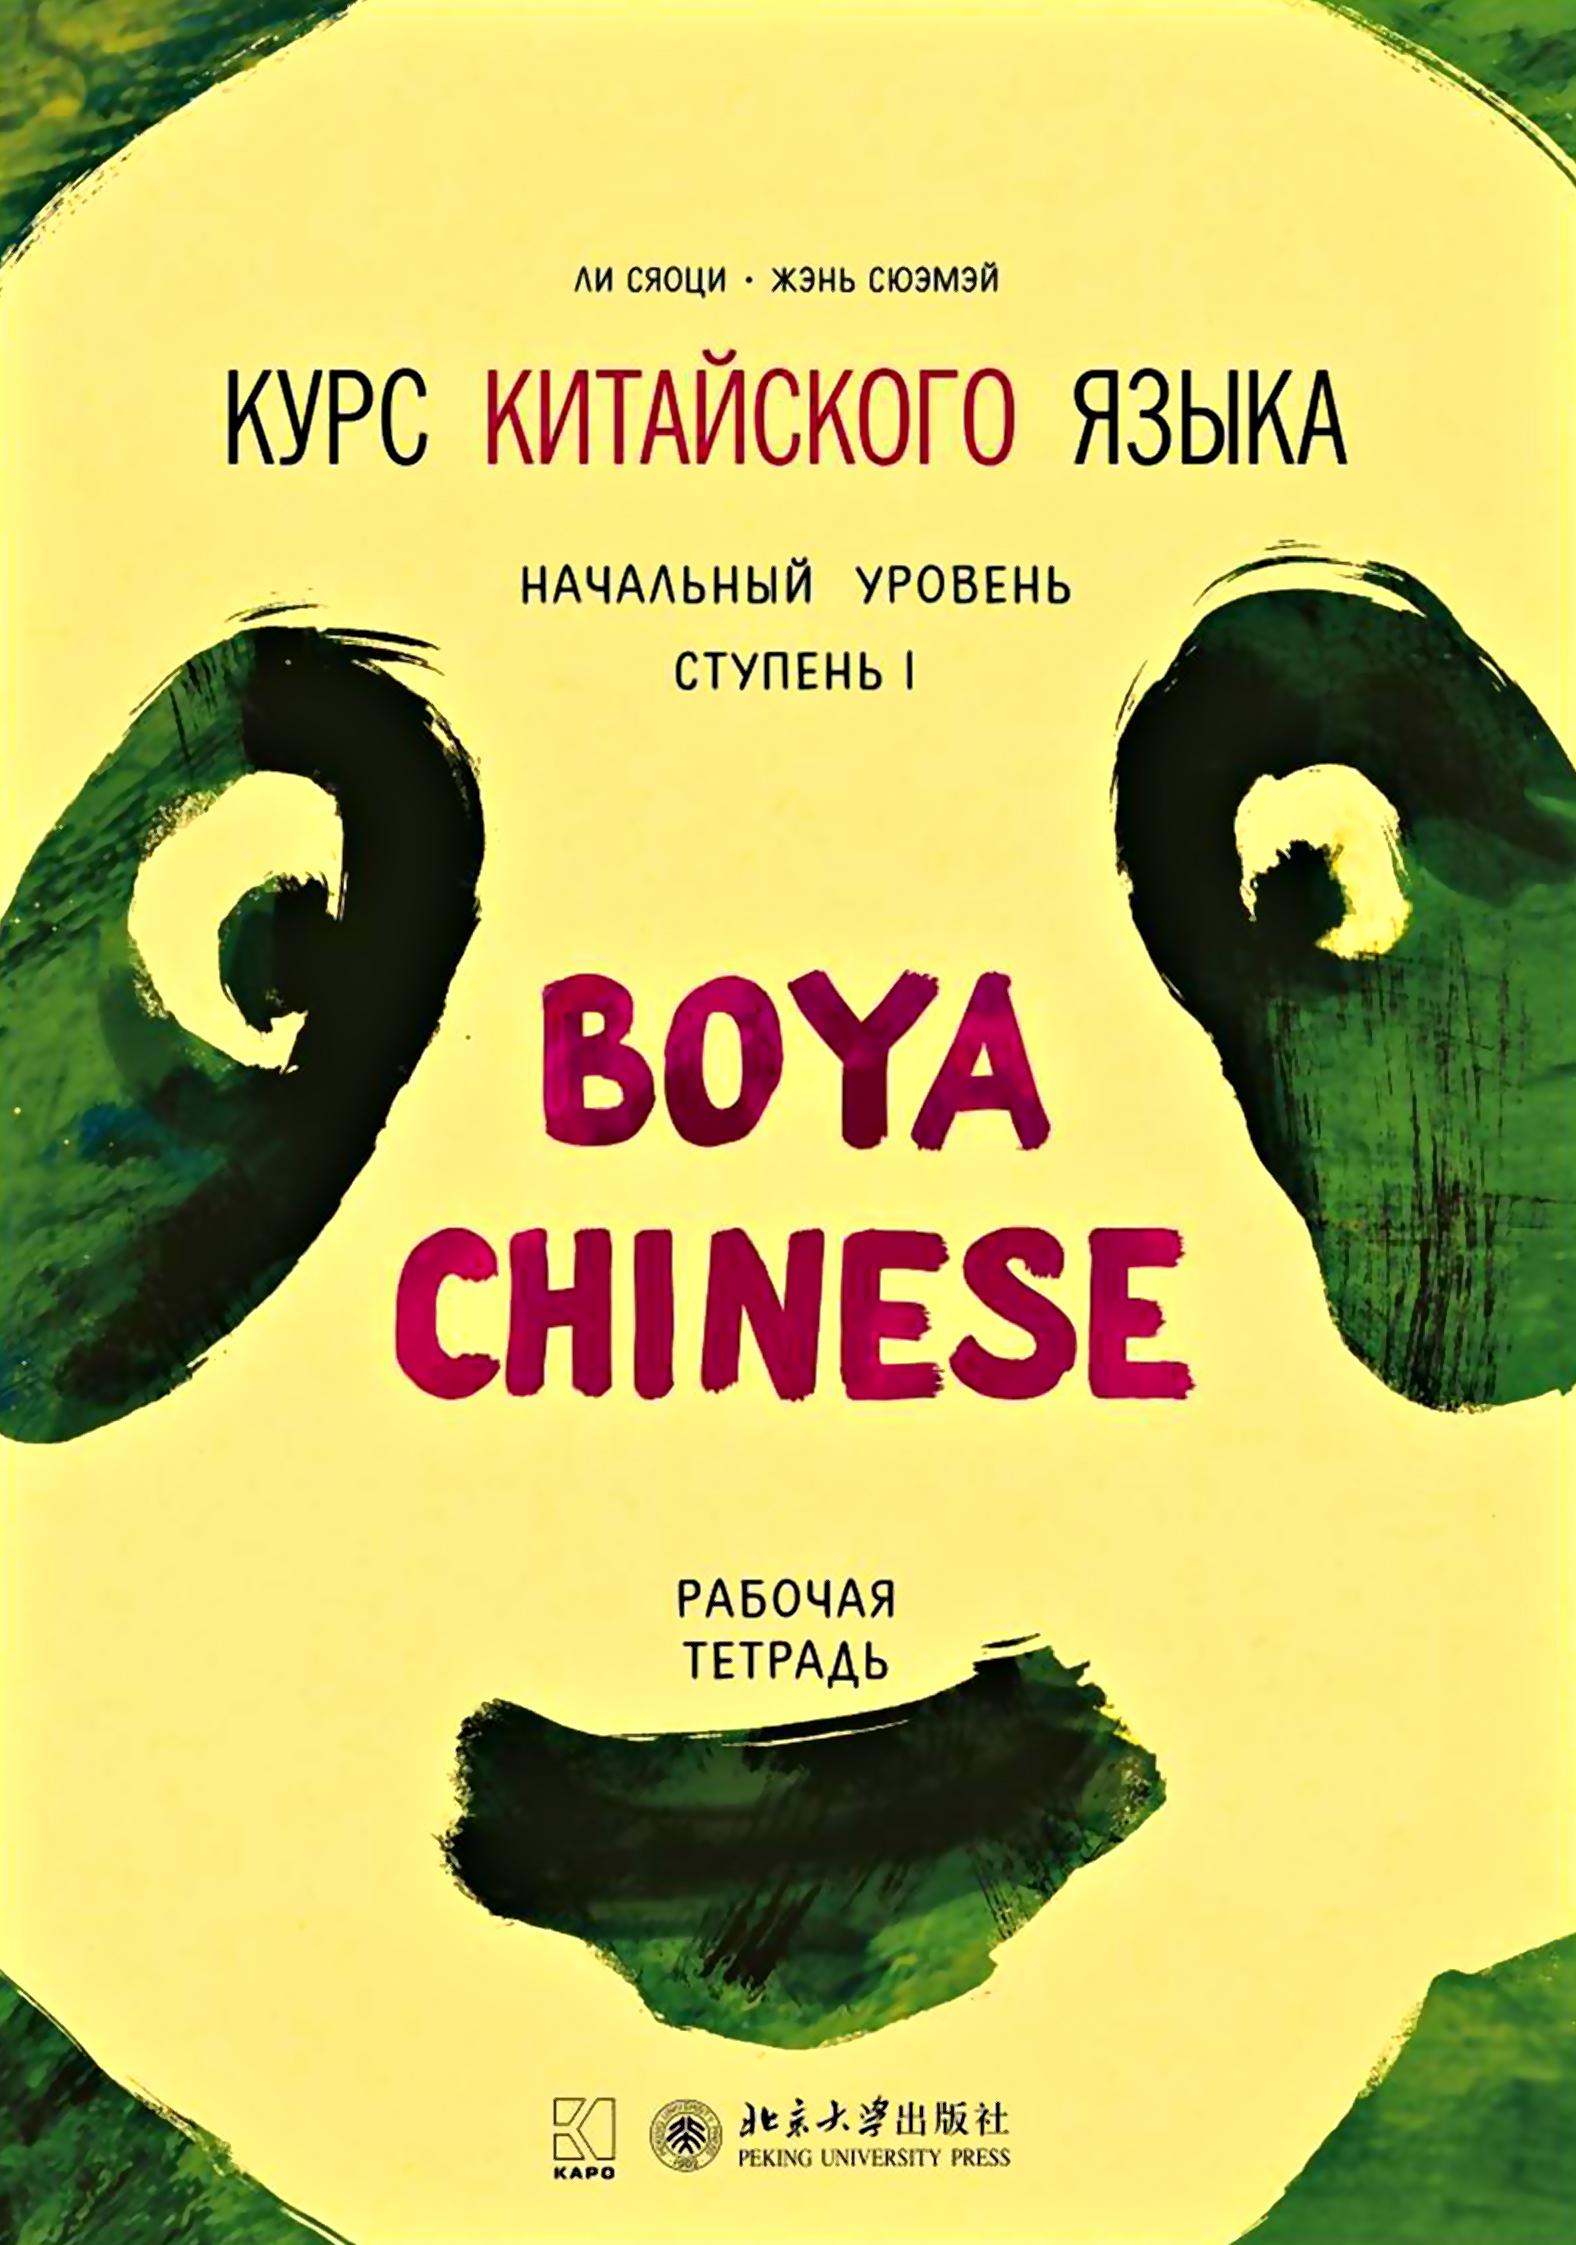 Ли Сяоци Курс китайского языка «Boya Chinese». Начальный уровень. Ступень I. Рабочая тетрадь скальп петуха veniard chinese cock cape